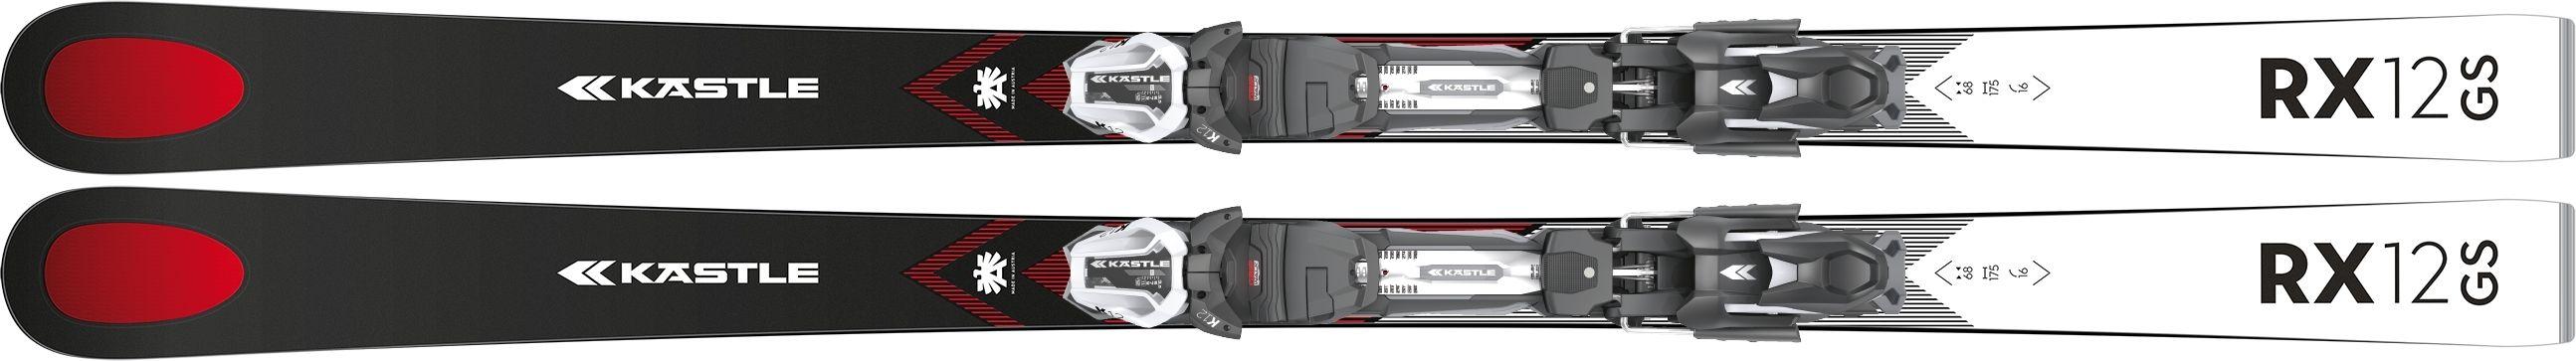 RX12 GS